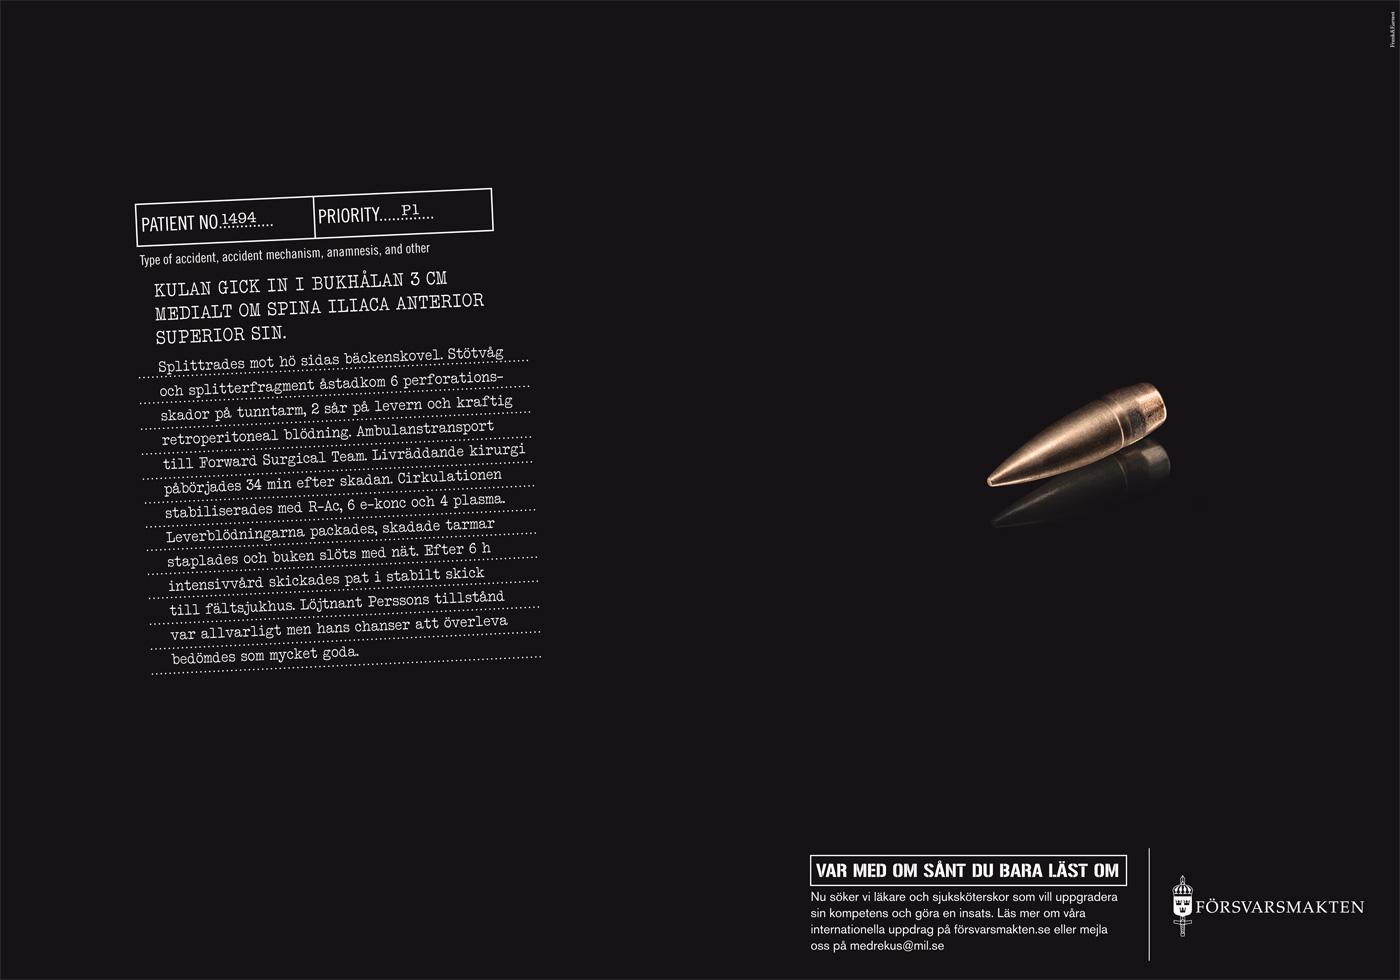 Försvarsmakten - Var med om sånt du bara läst om - Kula